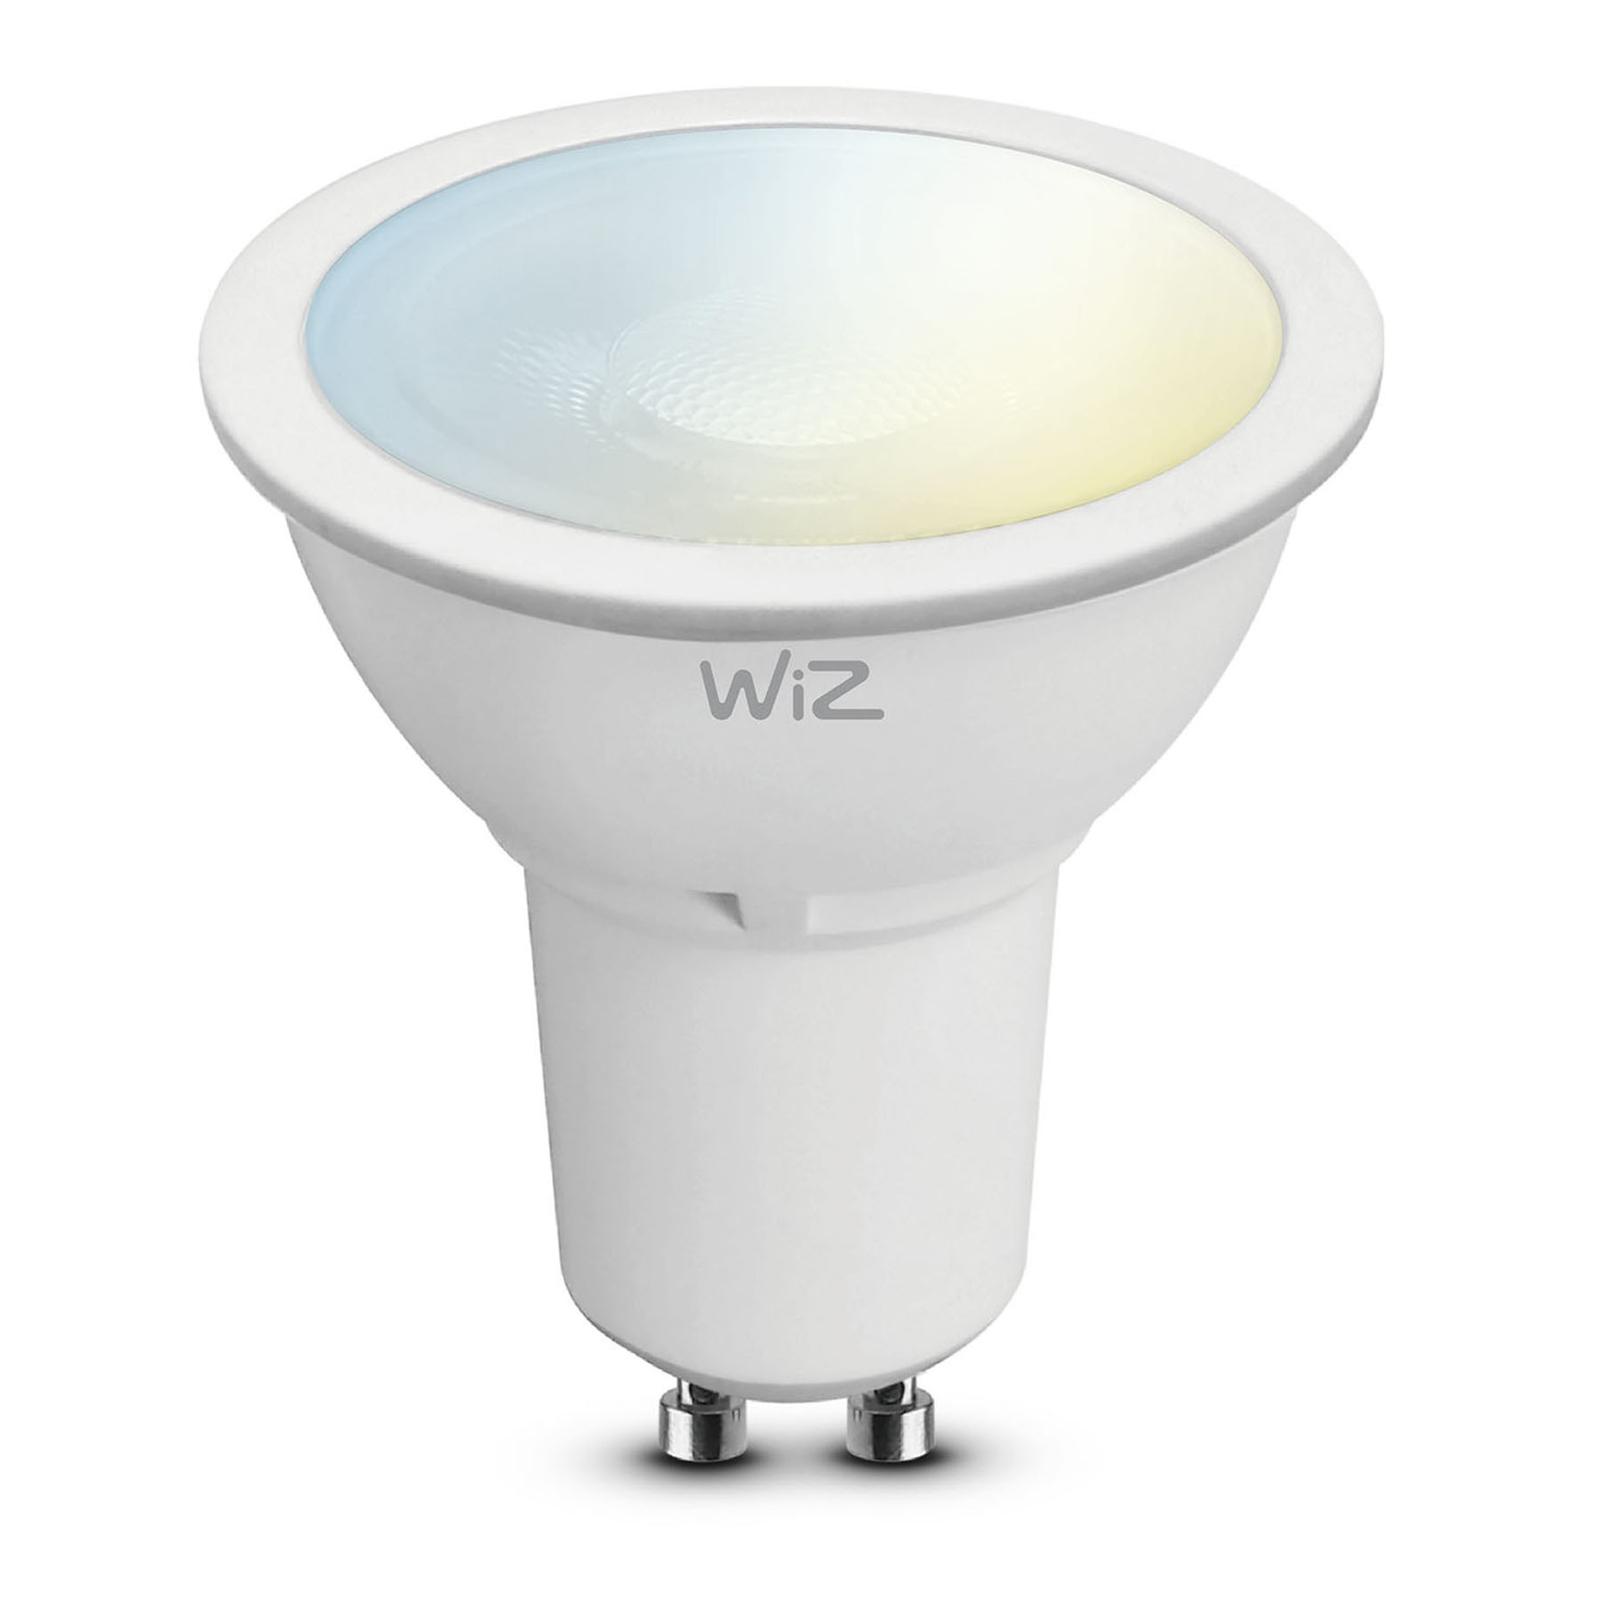 WiZ GU10 LED-lampa, Ø 5 cm, 5,5 W, 2700-6500K